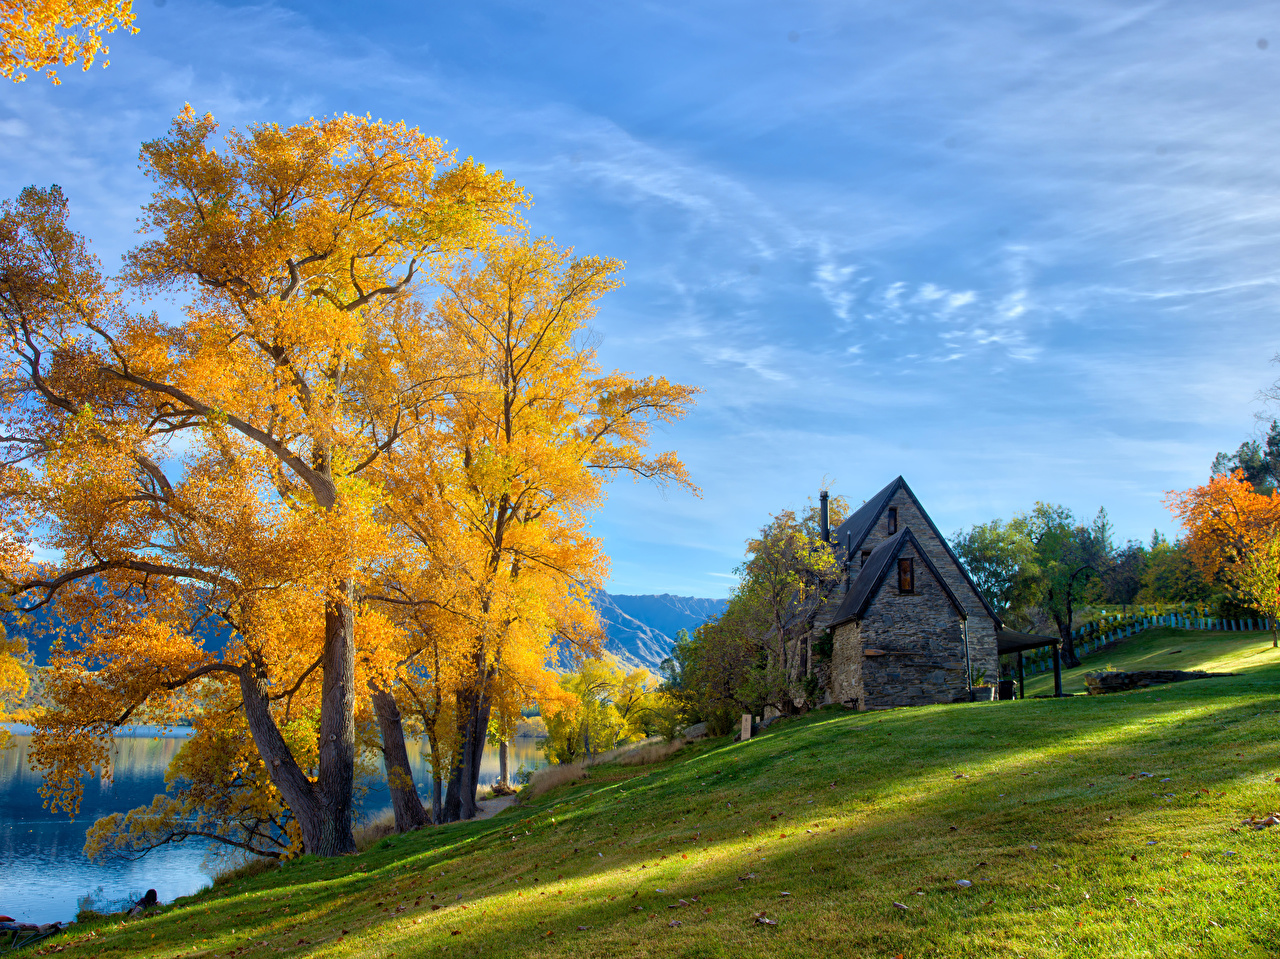 Foto Neuseeland Queenstown HDR Natur Herbst Gras Bäume Gebäude HDRI Haus